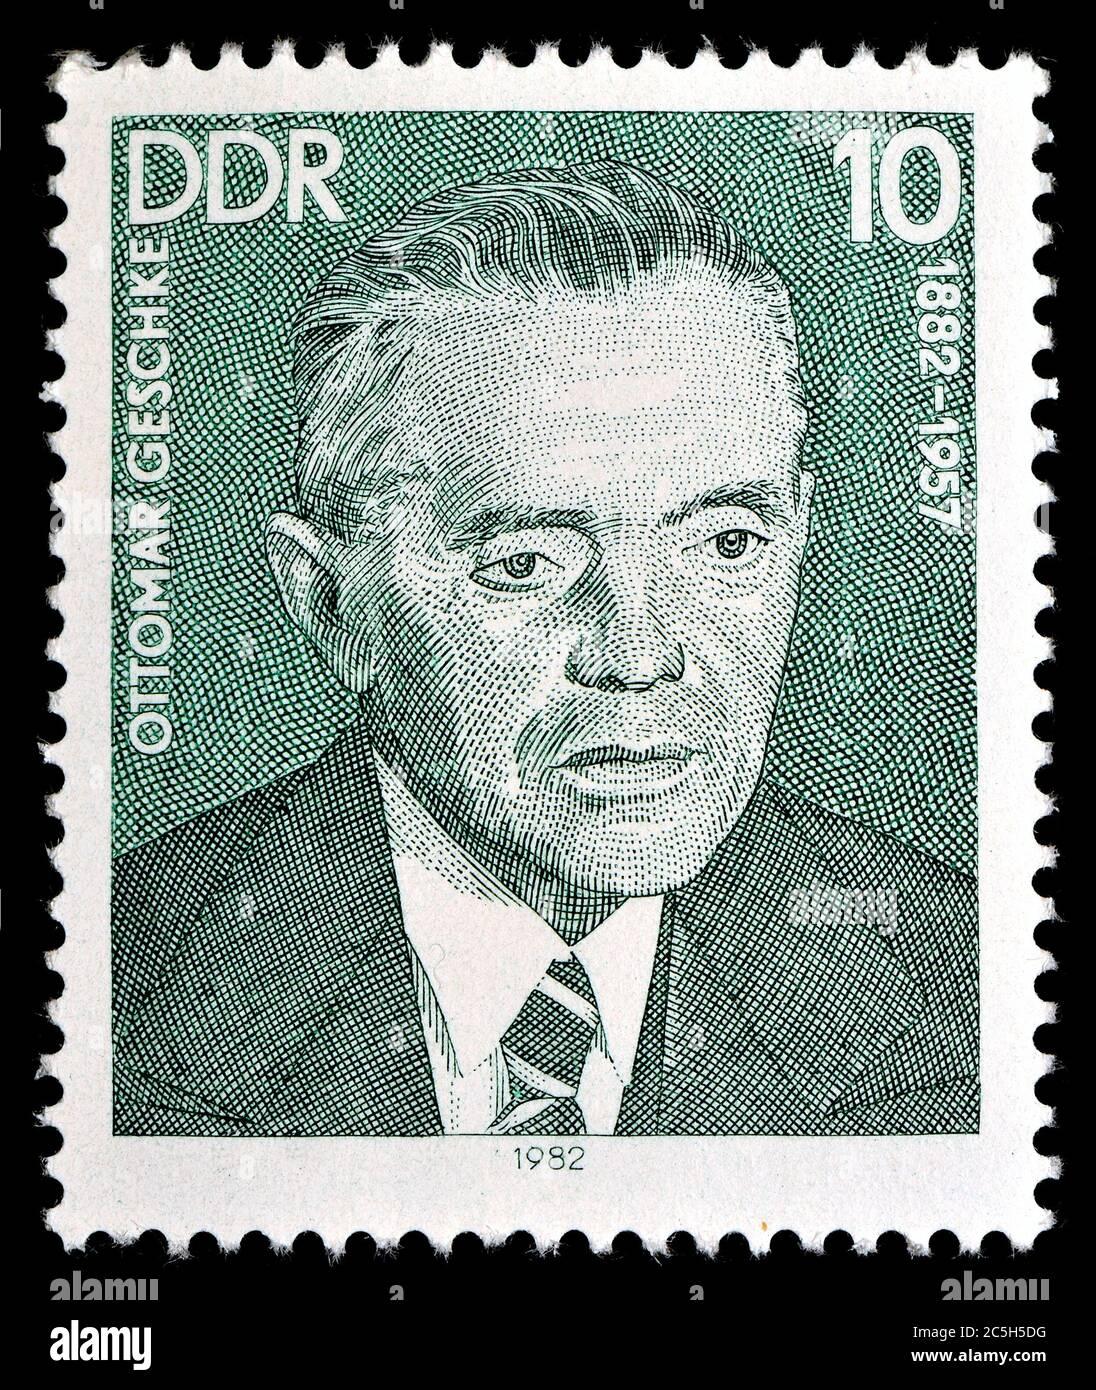 Briefmarke Ostdeutschland (1982) : Ottomar Georg Alexander Geschke (1882- 1957) Deutscher Politiker (KPD, SED). Stockfoto